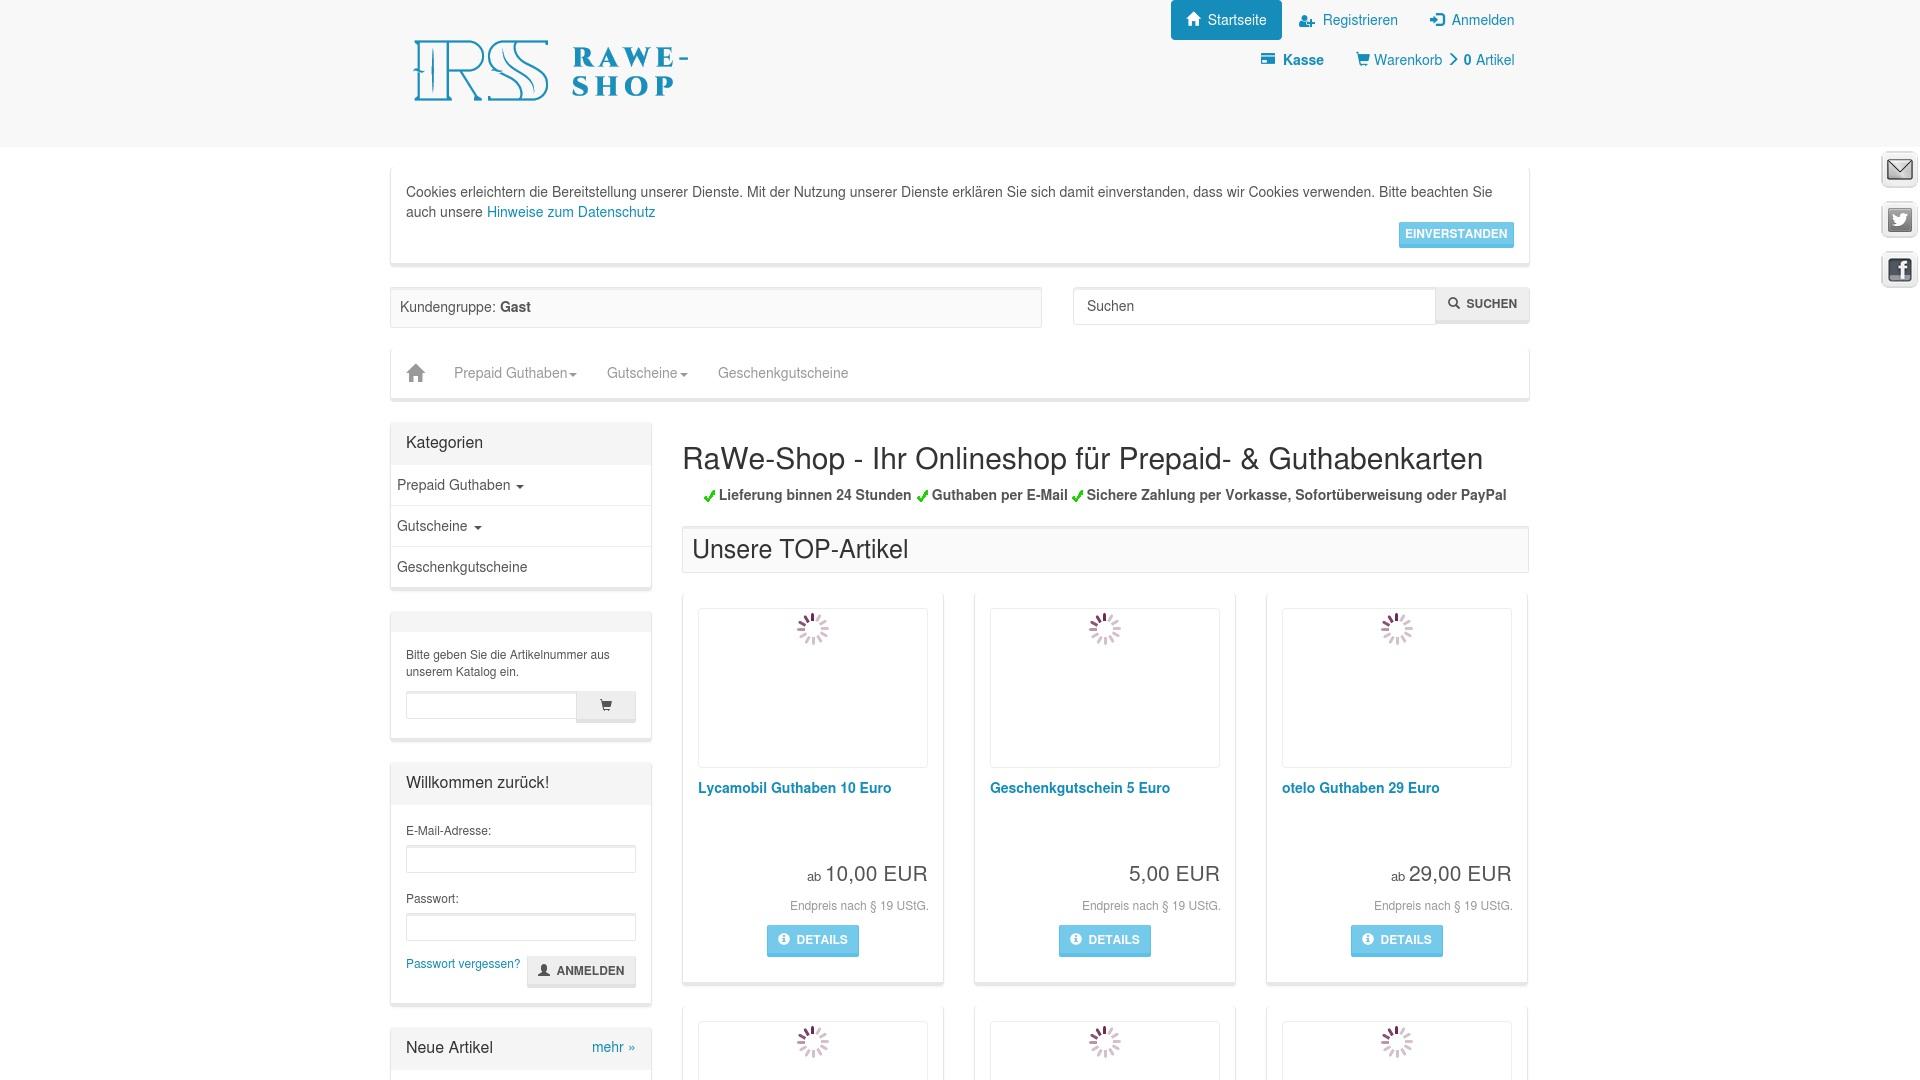 Gutschein für Rawe-internetstores: Rabatte für  Rawe-internetstores sichern